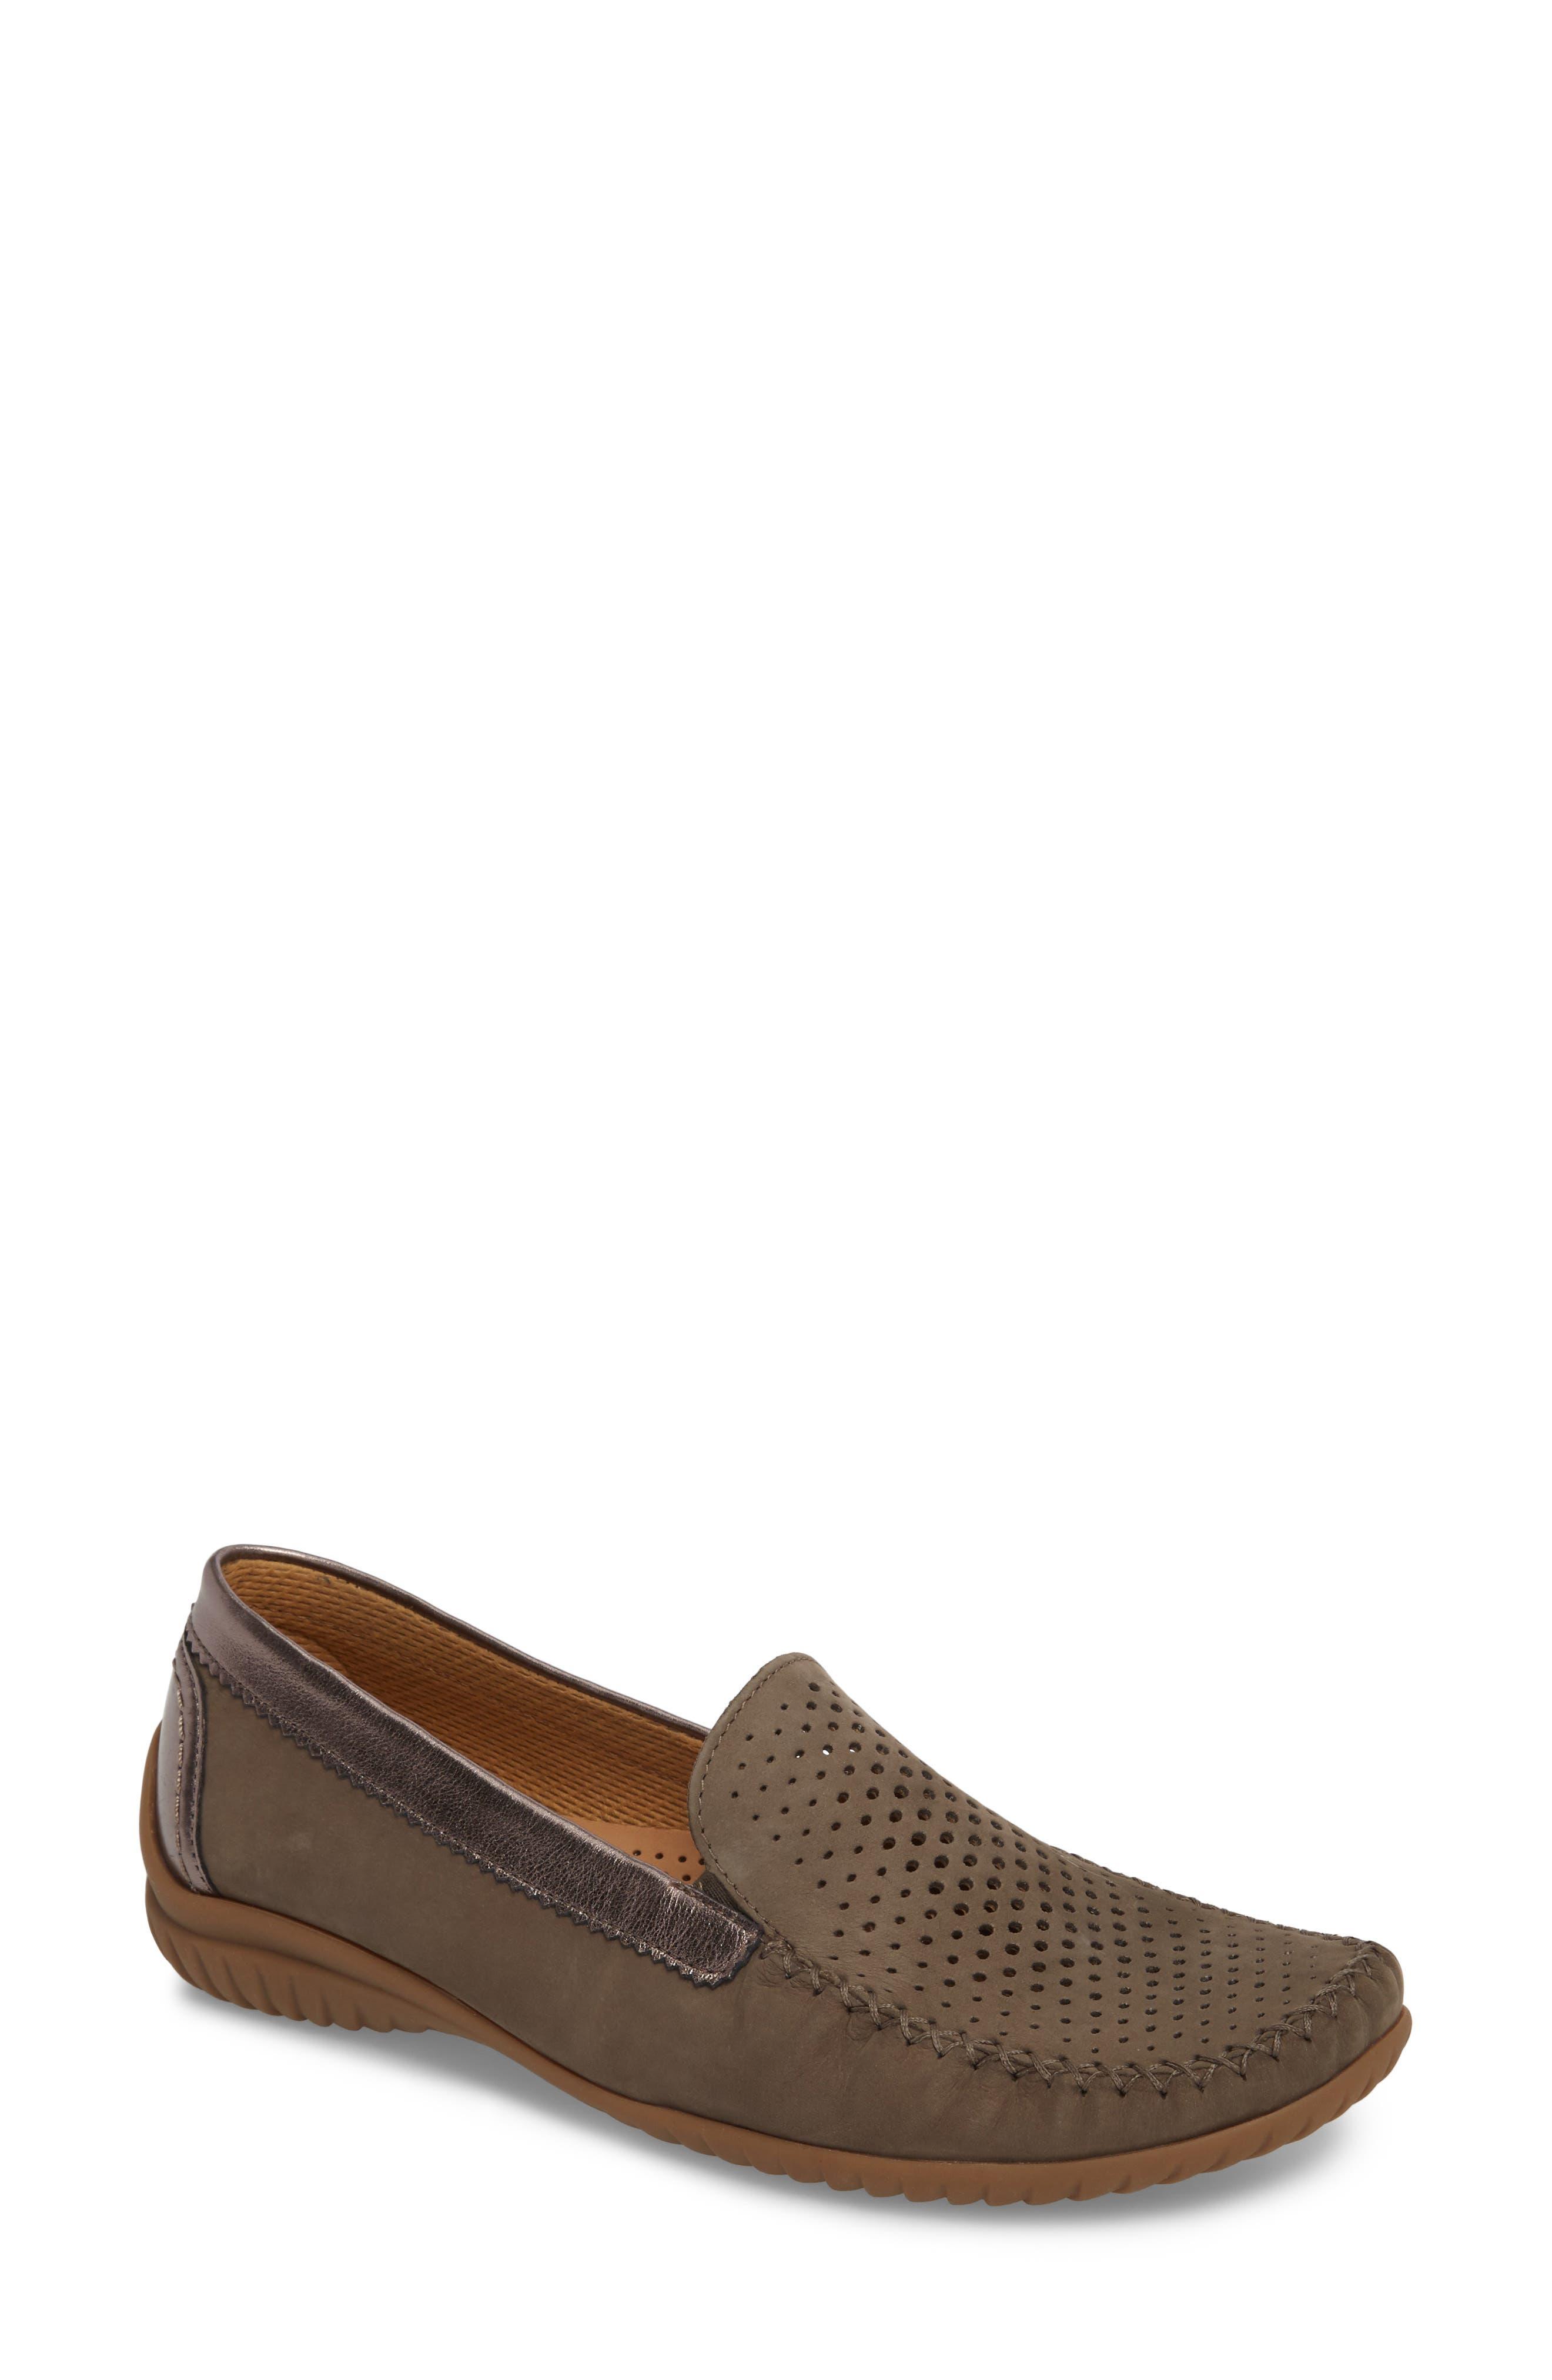 GABOR Moccasin Loafer, Main, color, BEIGE NUBUCK